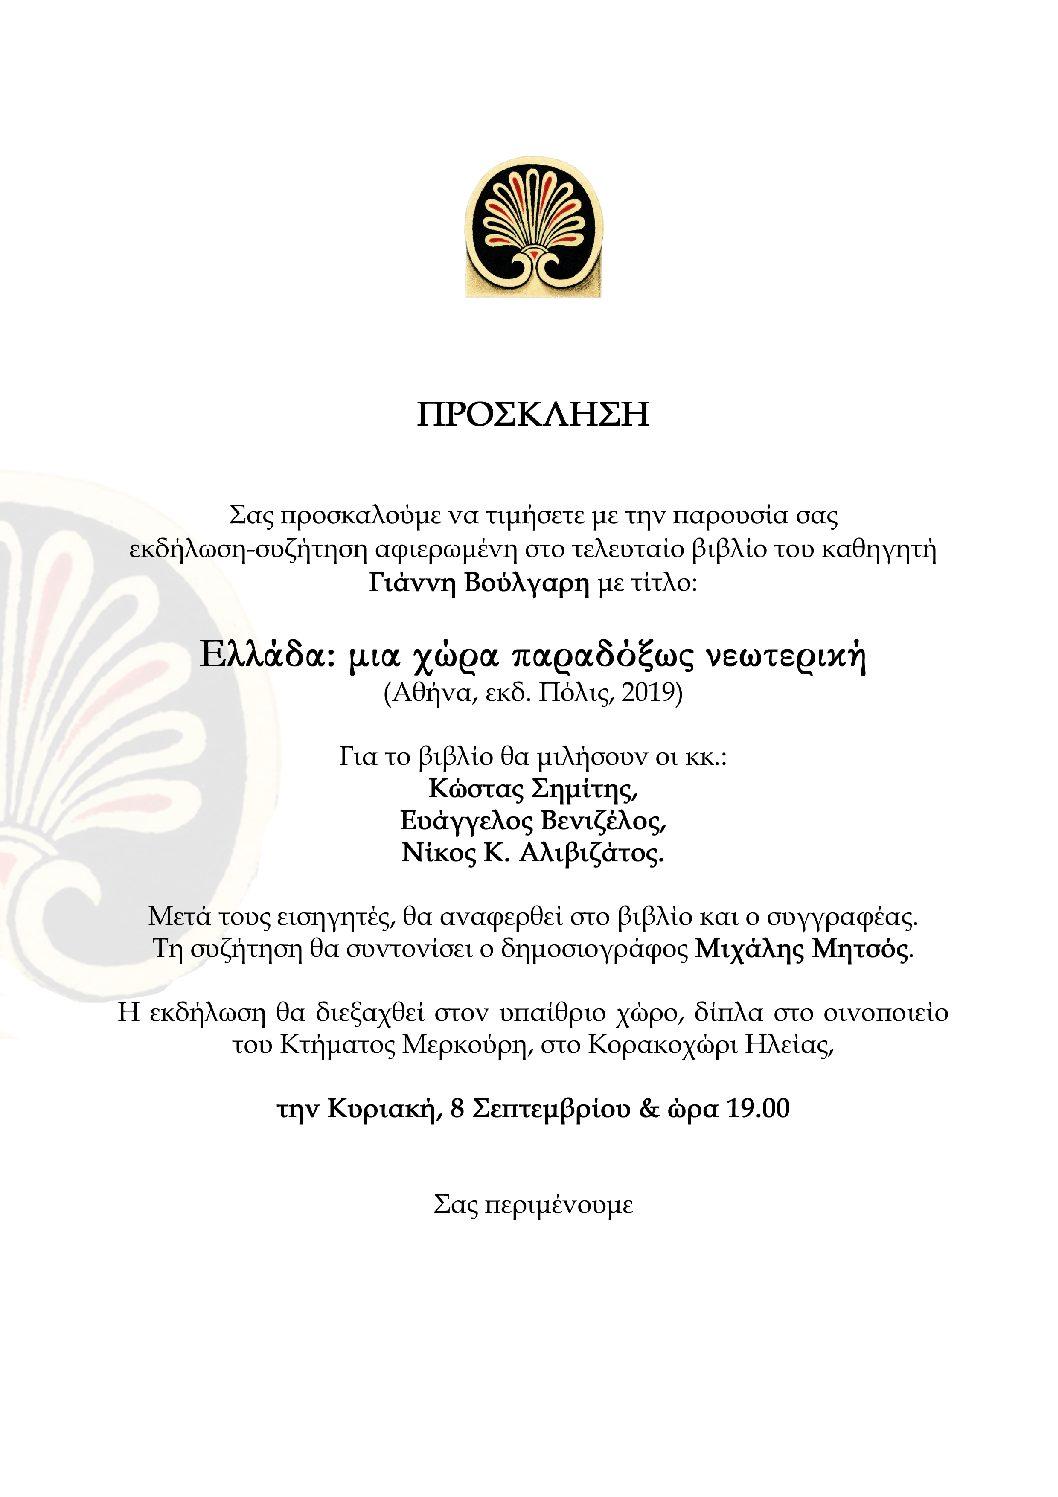 Παρουσίαση βιβλίου Γιάννη Βούλγαρη, Μια χώρα παραδόξως νεωτερική (08.09.2019)